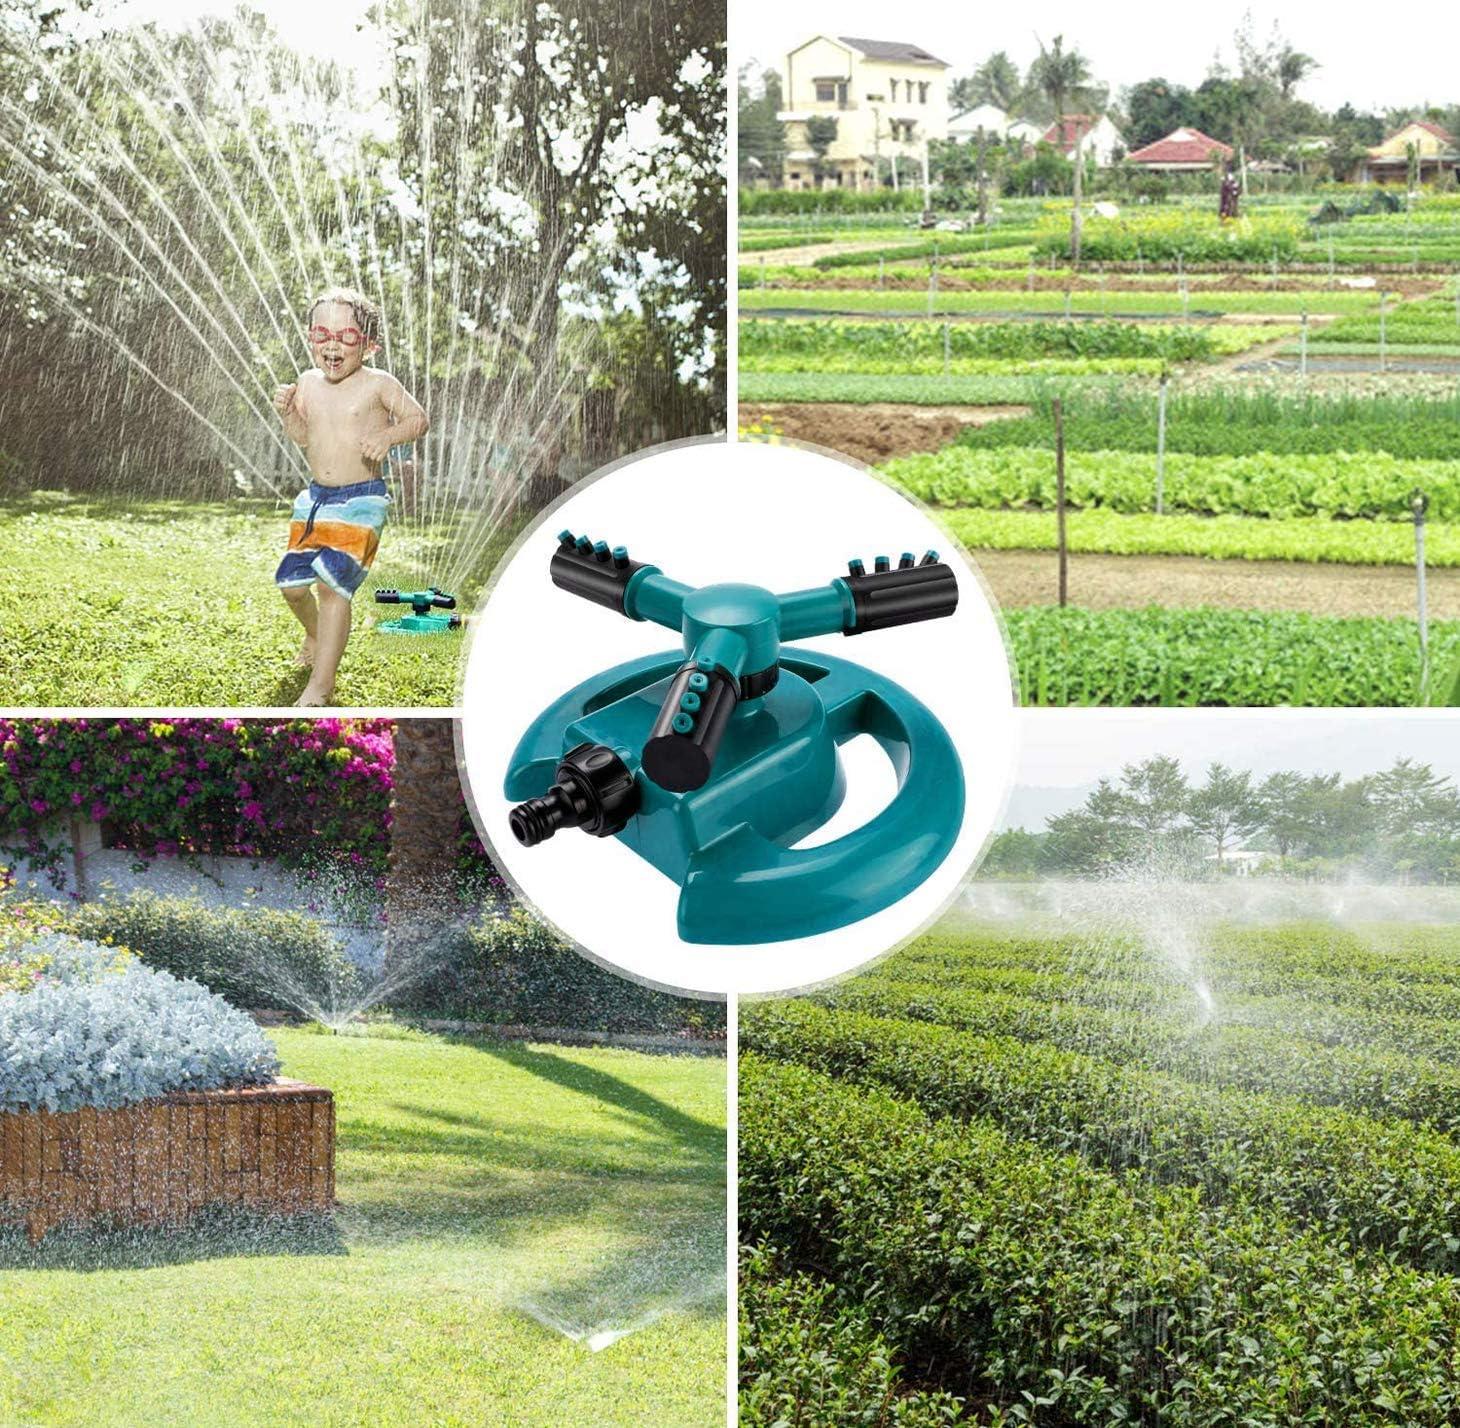 Aspersor de c/ésped giratorio de 360 /° Cobertura suministros de jardiner/ía ajustables aspersor de jard/ín autom/ático sistema de riego con boquilla de 3 brazos: agua de hasta 3,600 pies cuadrados Pie